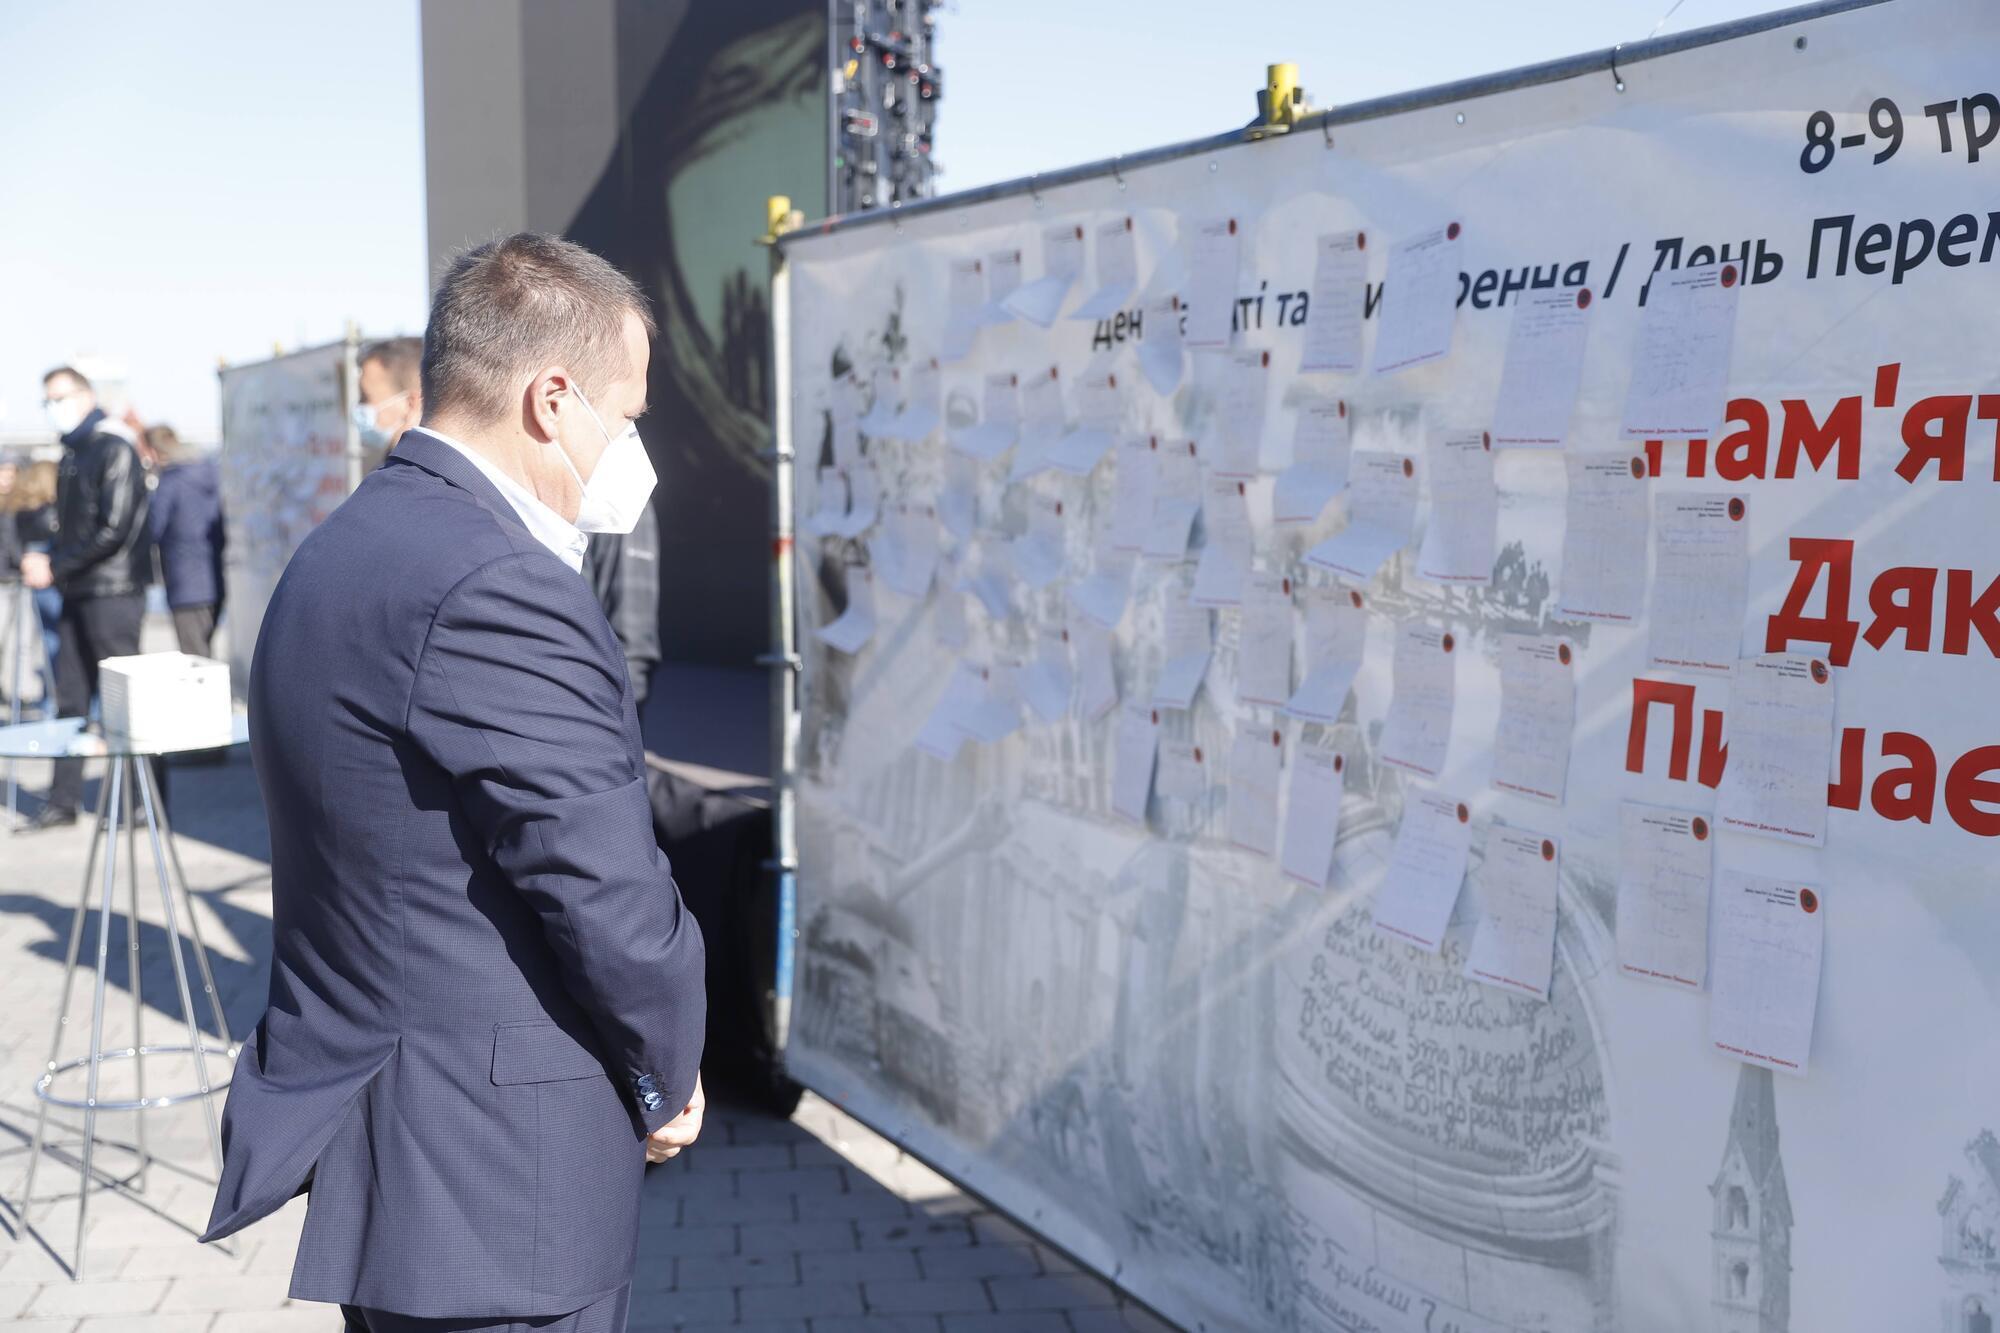 """""""Пам'ятаємо. Пишаємося"""": дніпряни залишають слова вдячності захисникам на стіні пам'яті просто неба"""